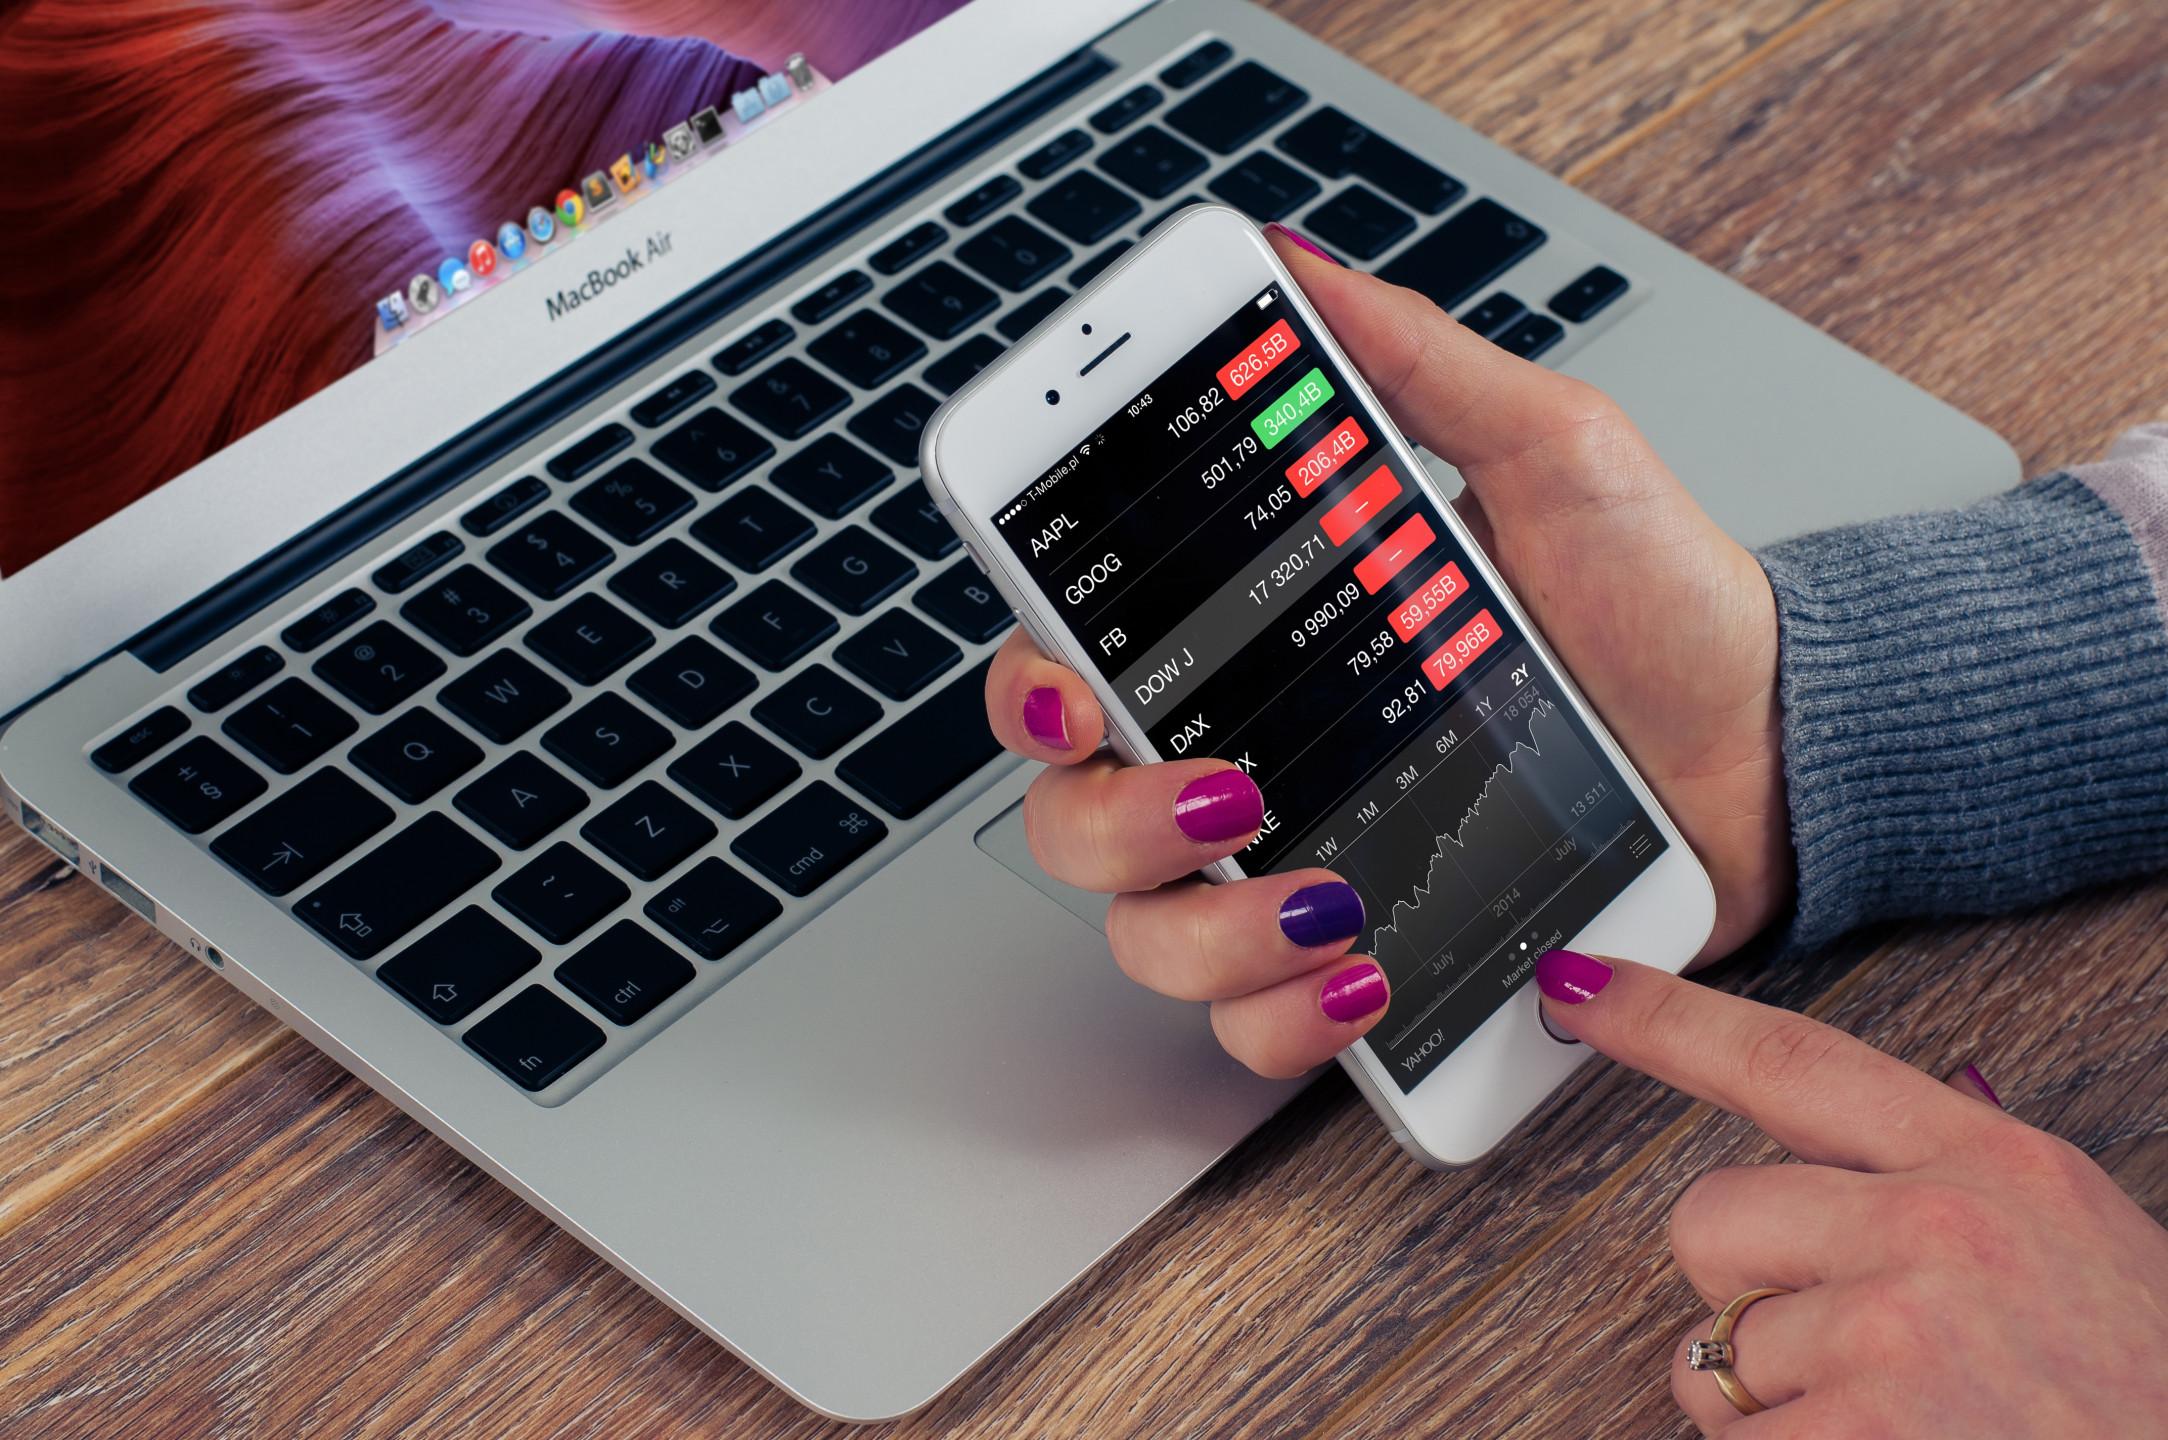 Dow Jones analysis: Index in a range-bound movement